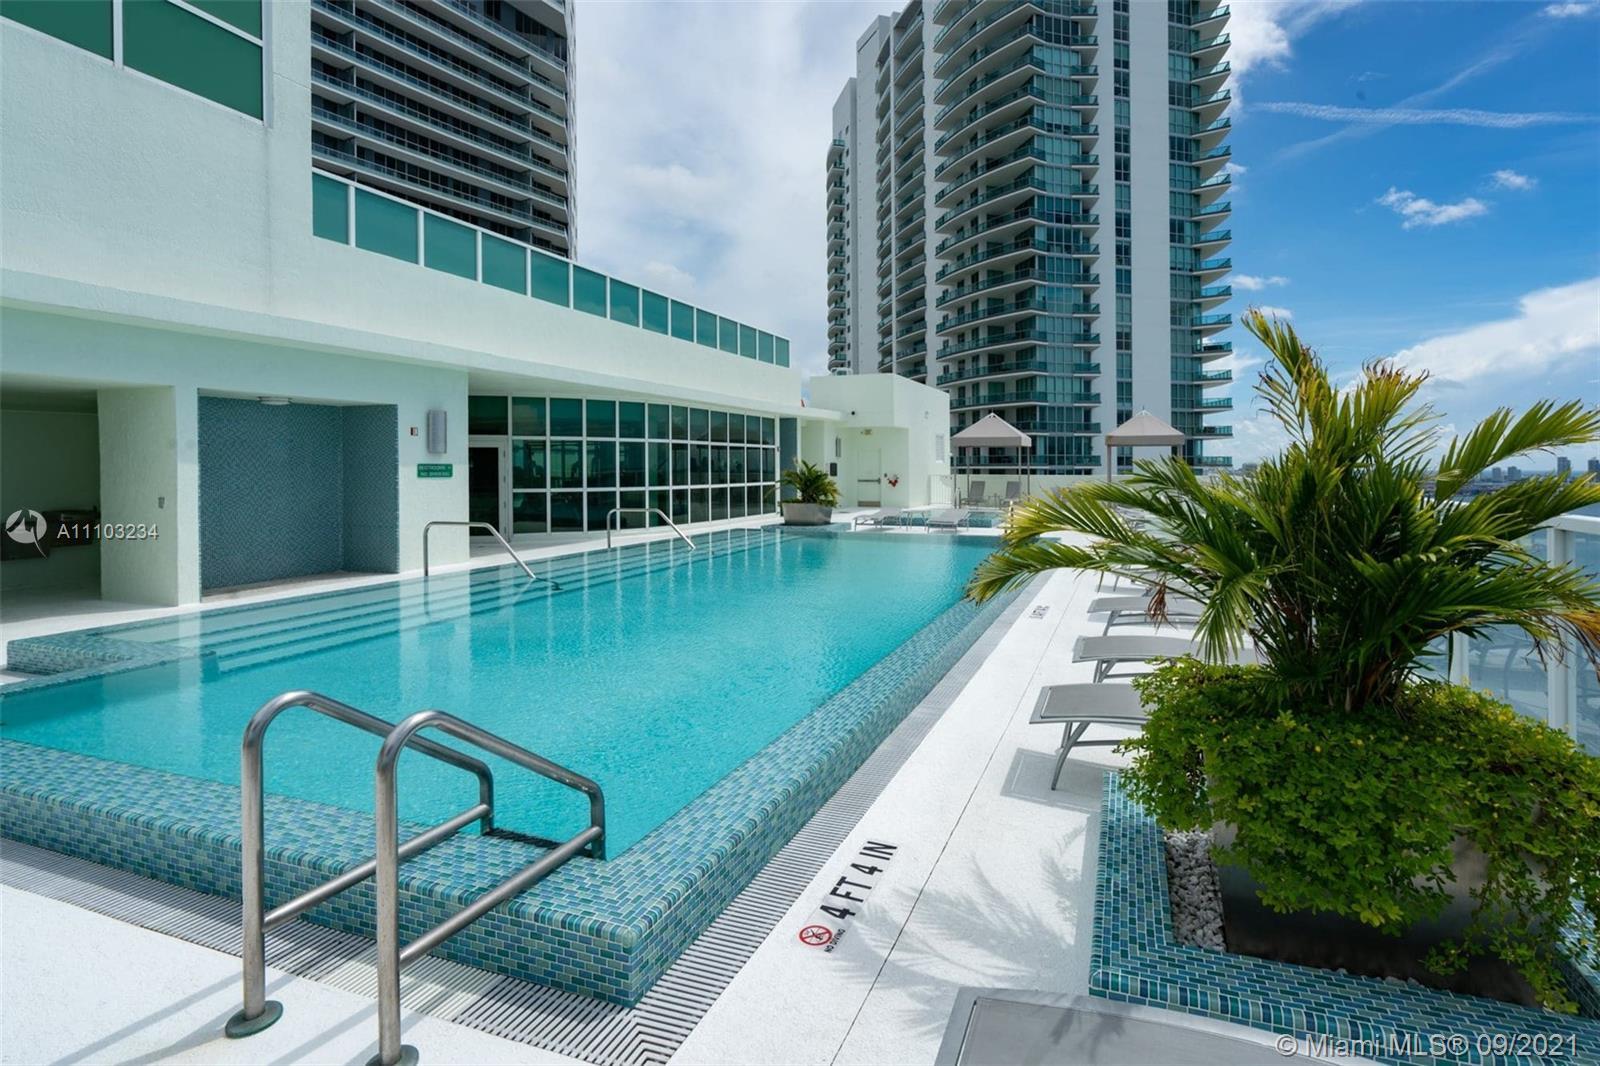 Emerald at Brickell #PH2 - 218 SE 14th St #PH2, Miami, FL 33131